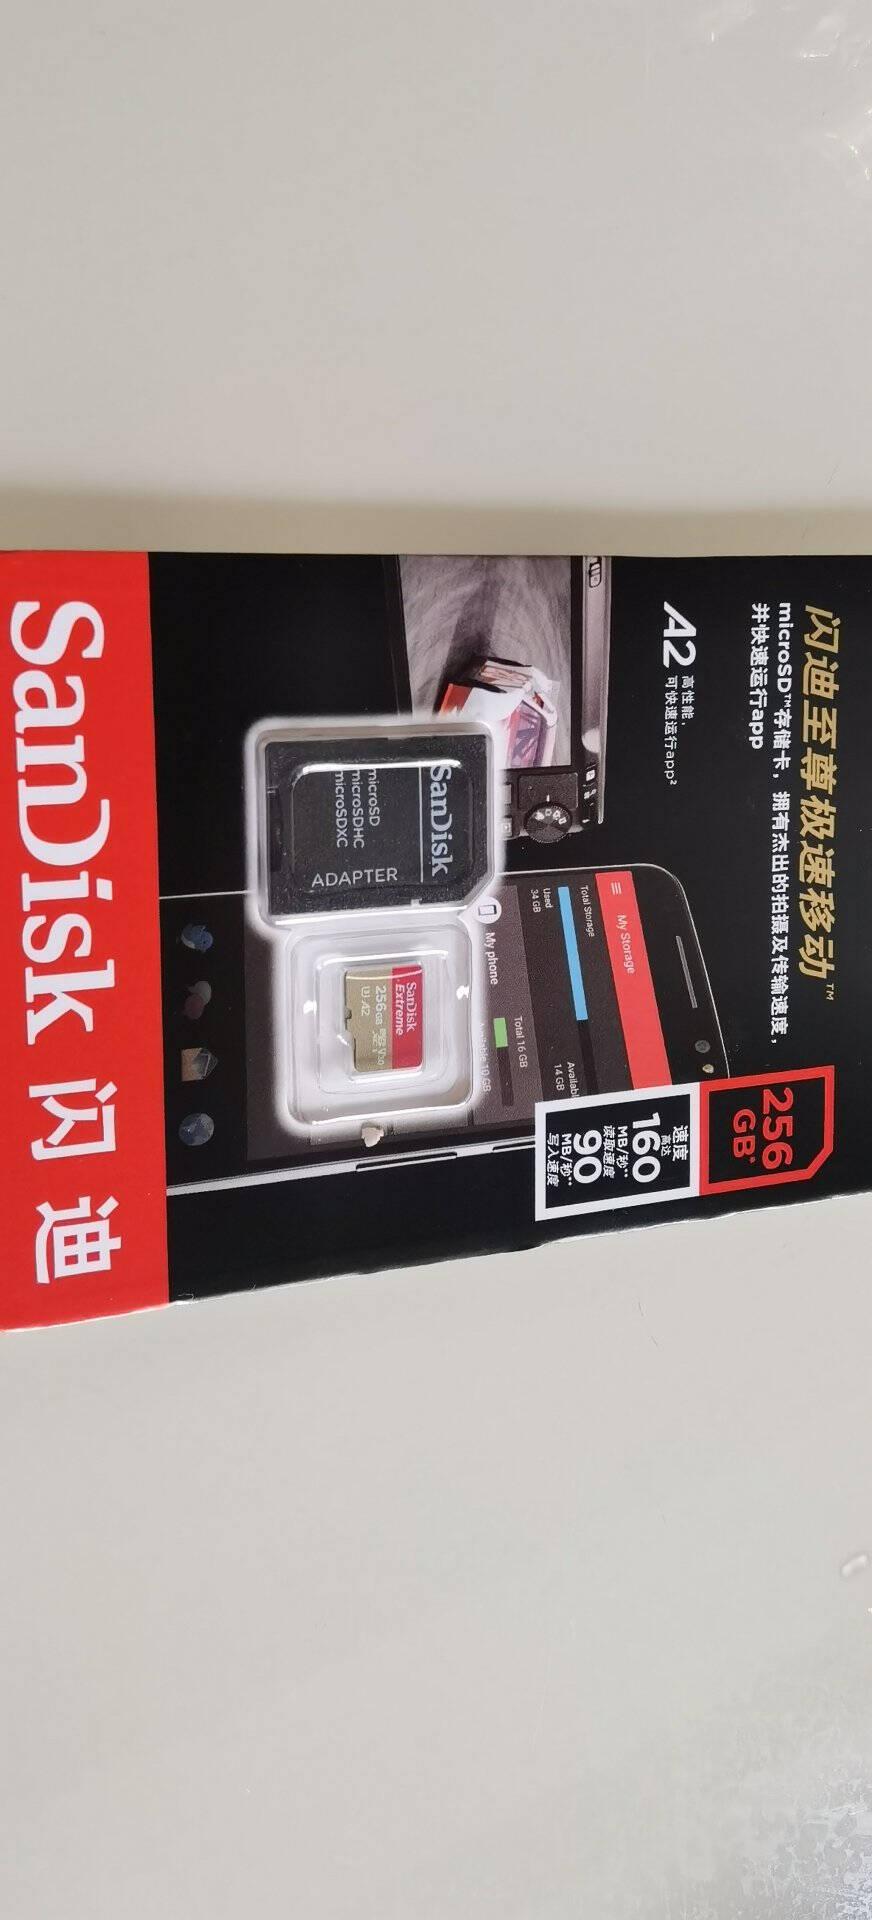 大疆无人机128G内存卡TF卡(MicroSD)御Air2mini256G超极速至尊内存卡闪迪-256G极速4K内存卡